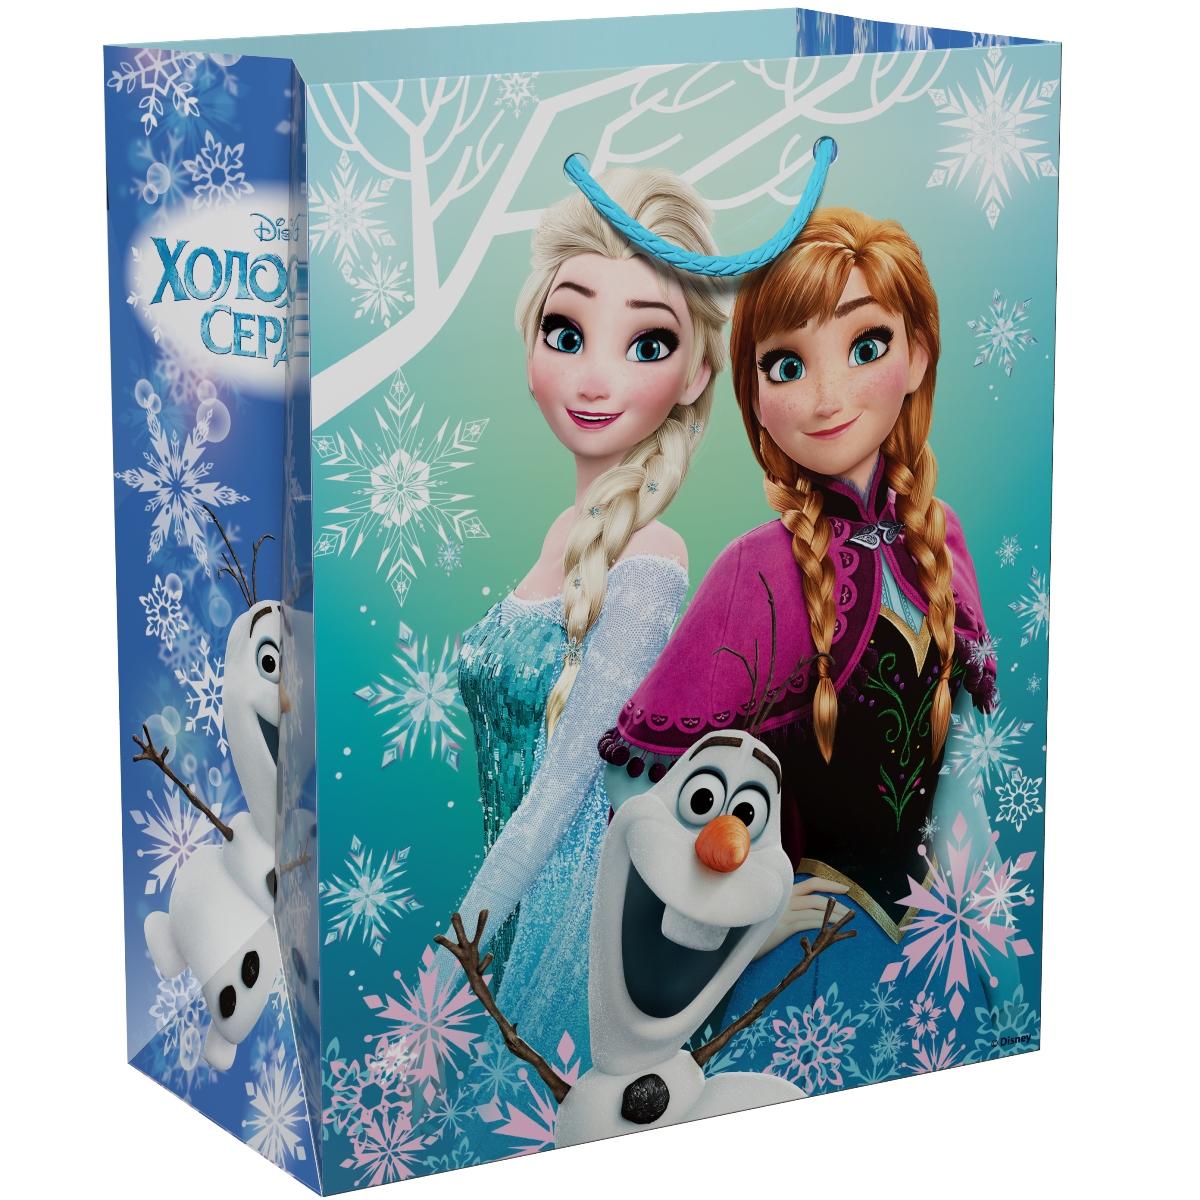 Disney Холодное Сердце Пакет подарочный 23 х 18 х 10 см пакет подарочный disney софия прекрасная самая милая цвет мультиколор 18 х 10 х 23 см 2019723